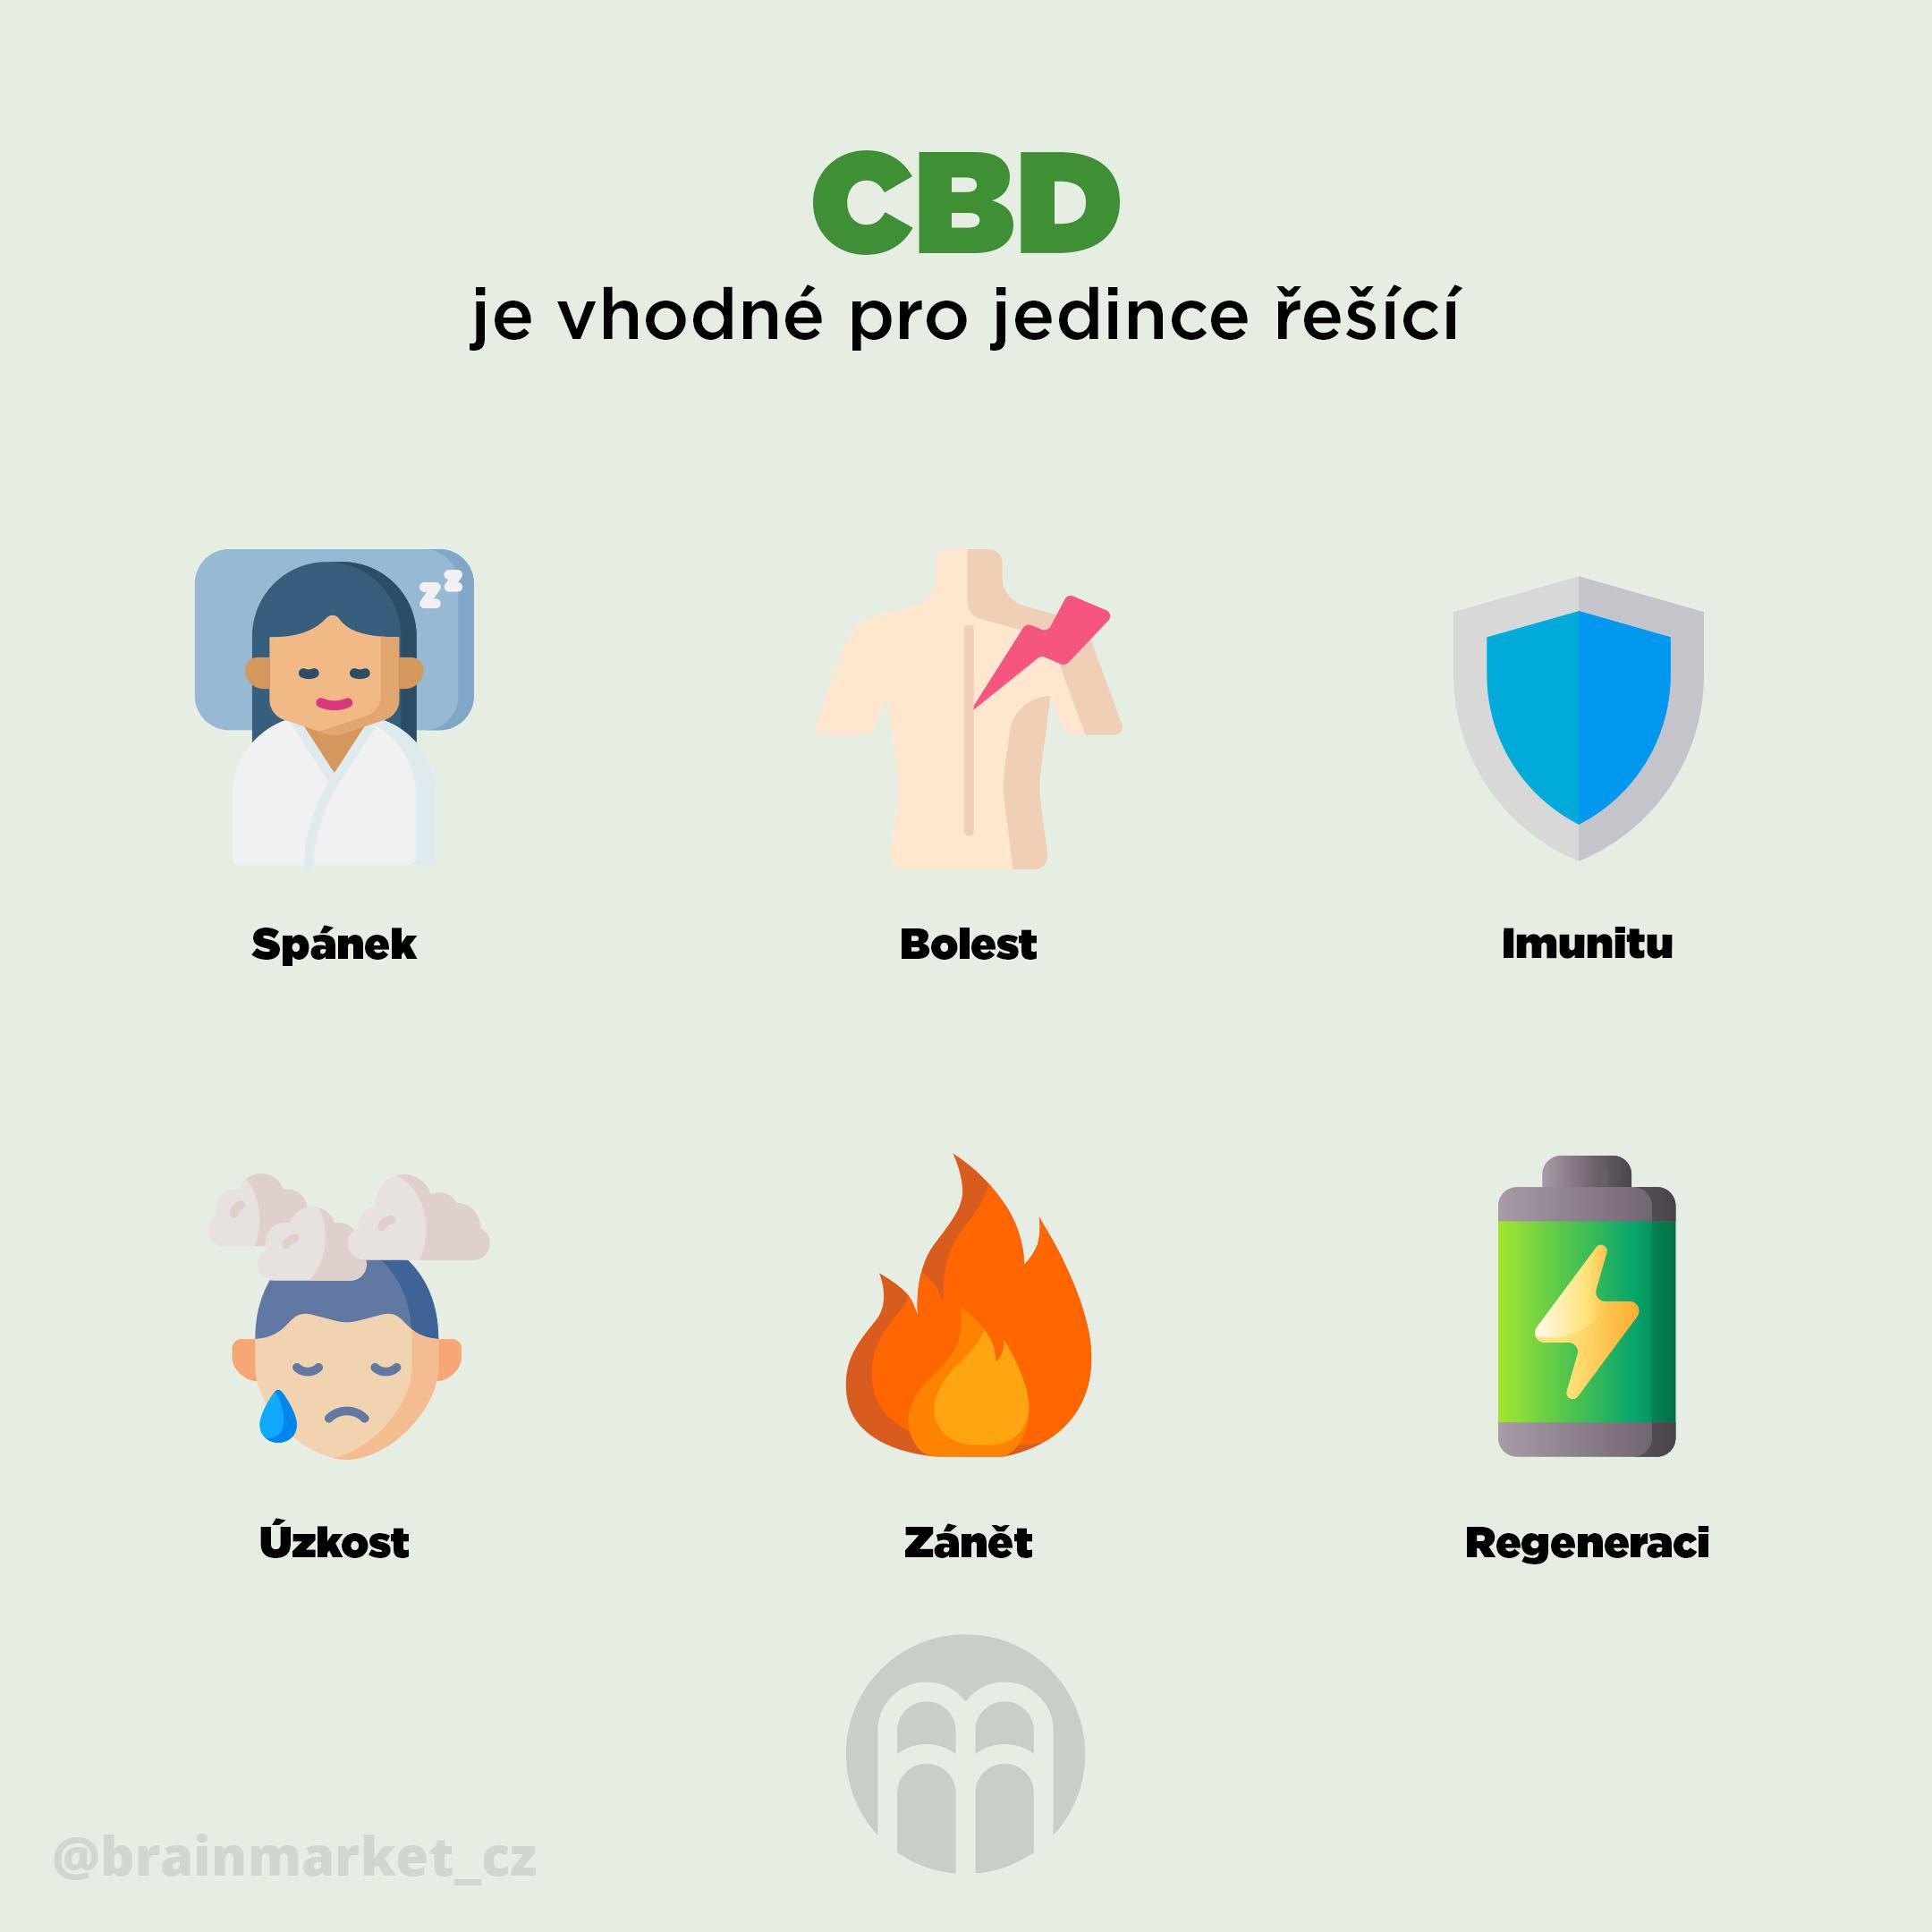 cbd-je-vhodne-pro-jedince-resici-infografika-brainmarket-cz